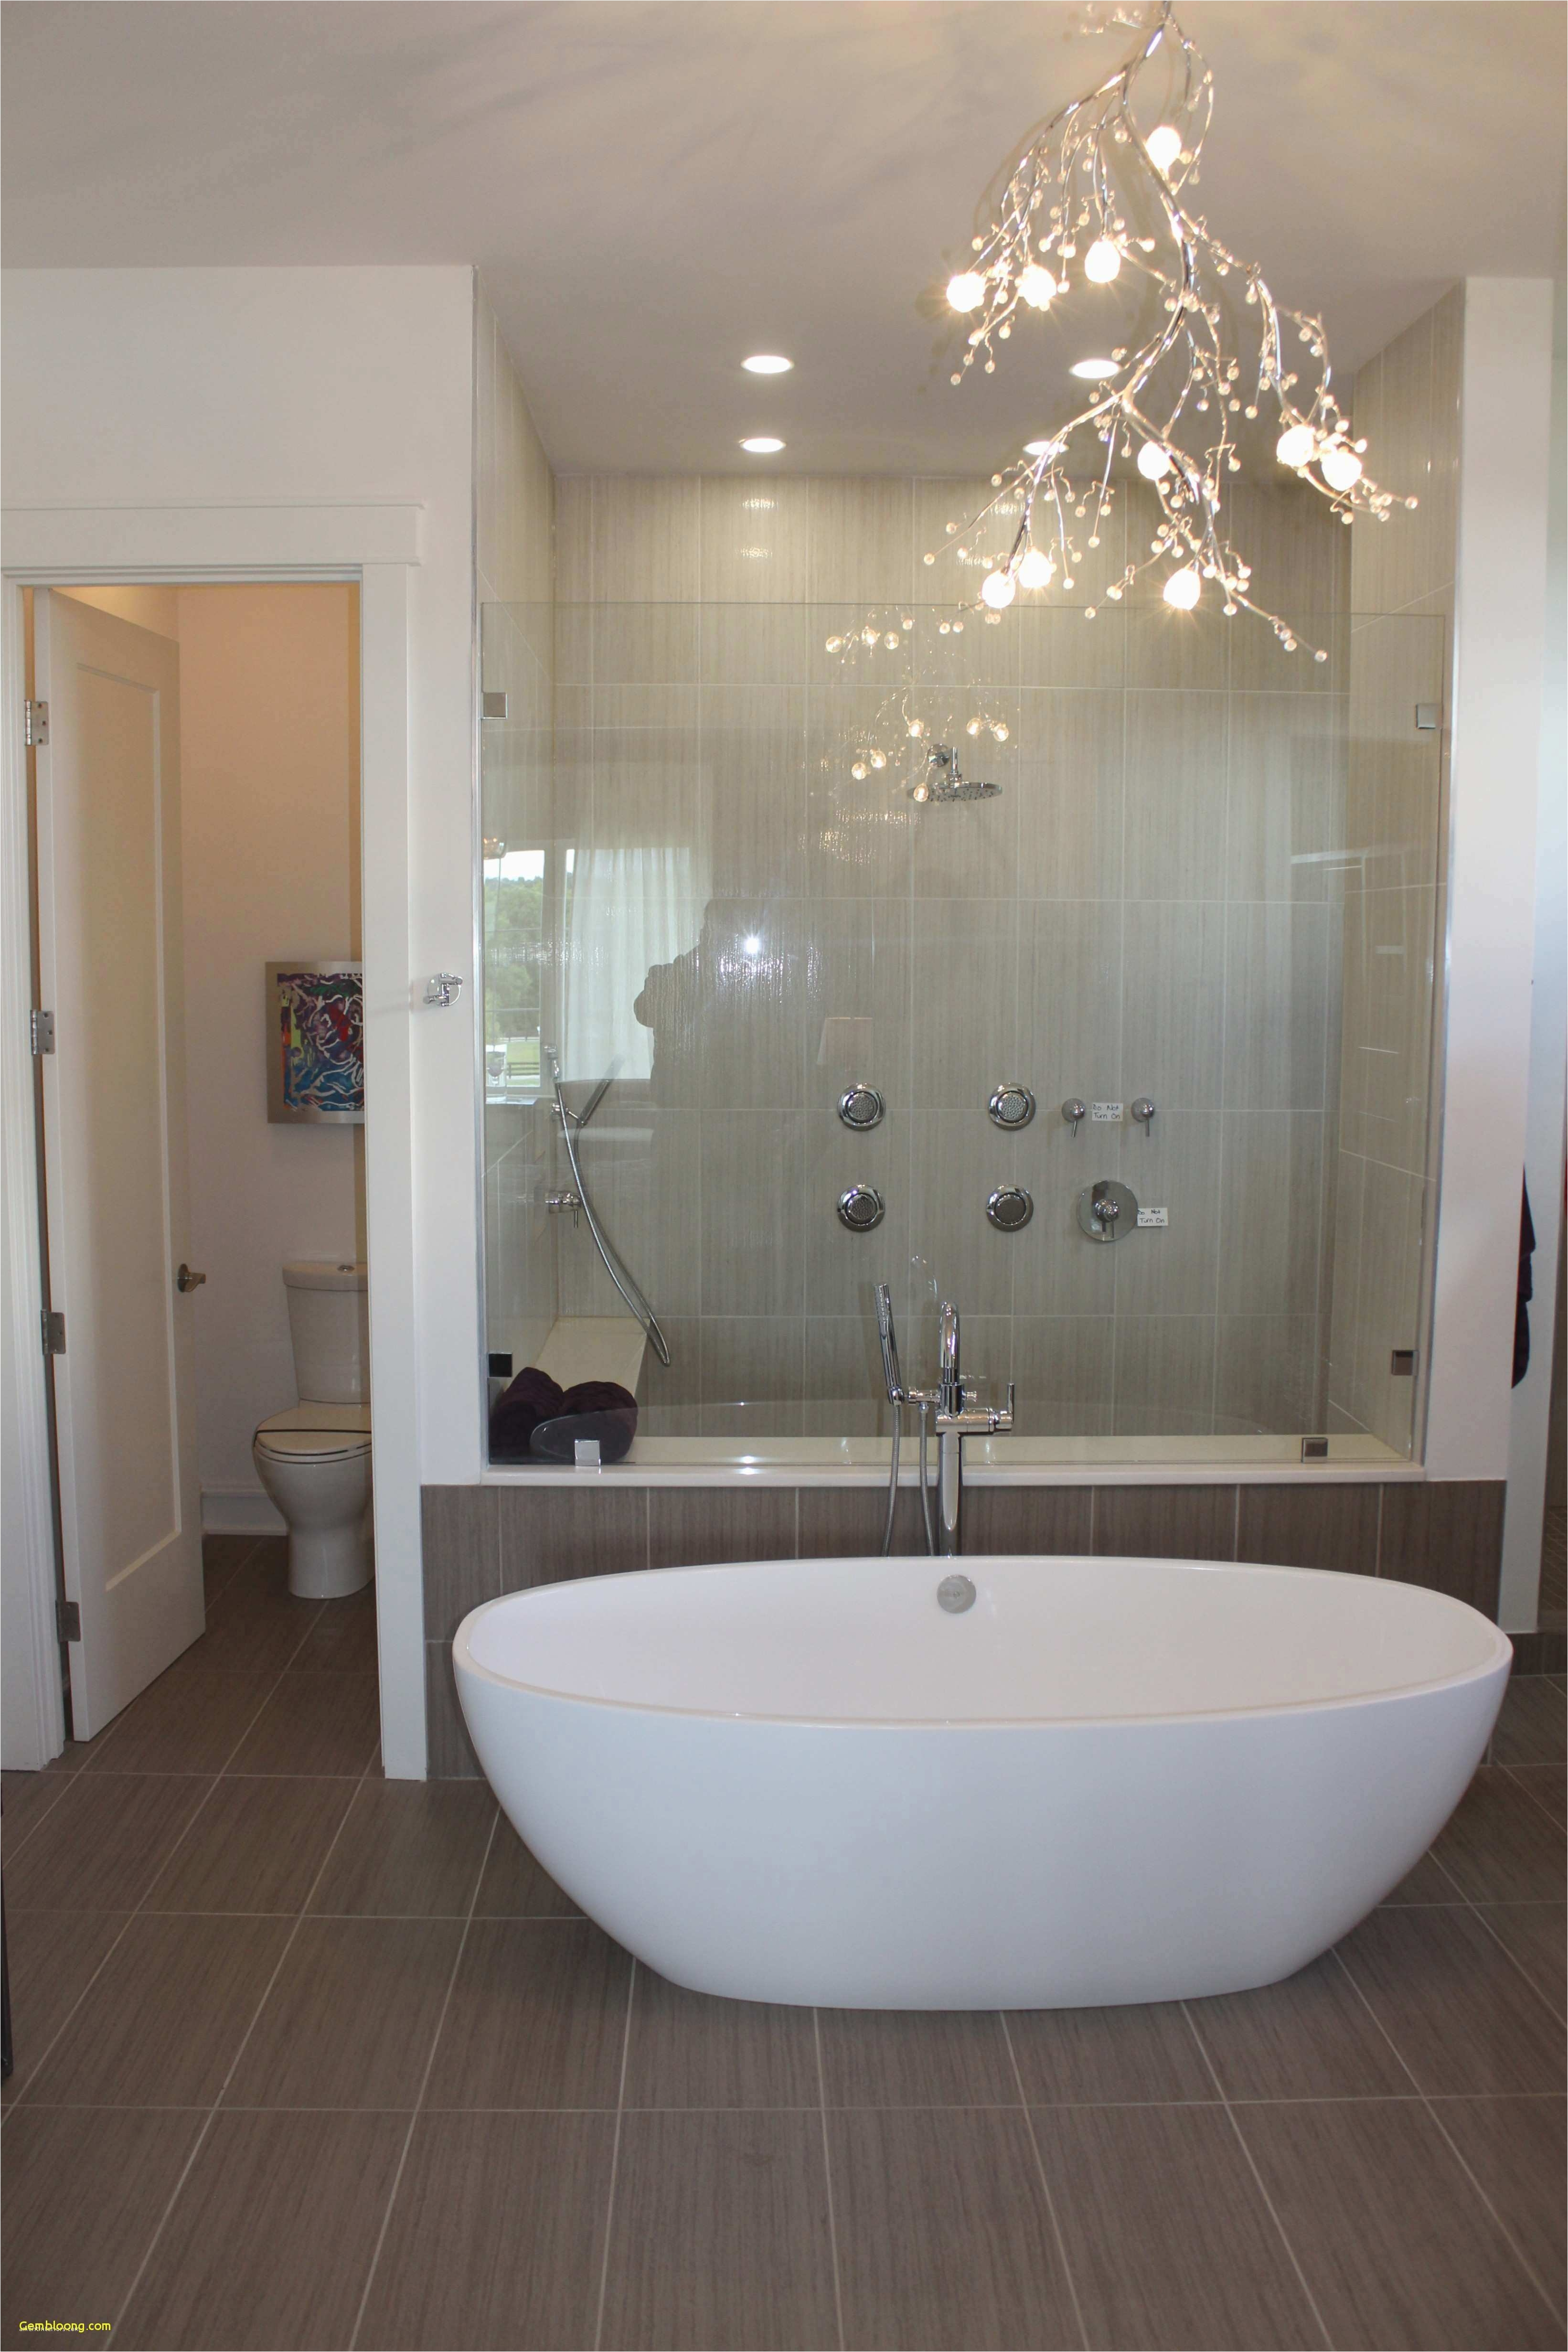 Cottage Bathroom Tile Design Ideas Small Bathtub Ideas Facesinnature